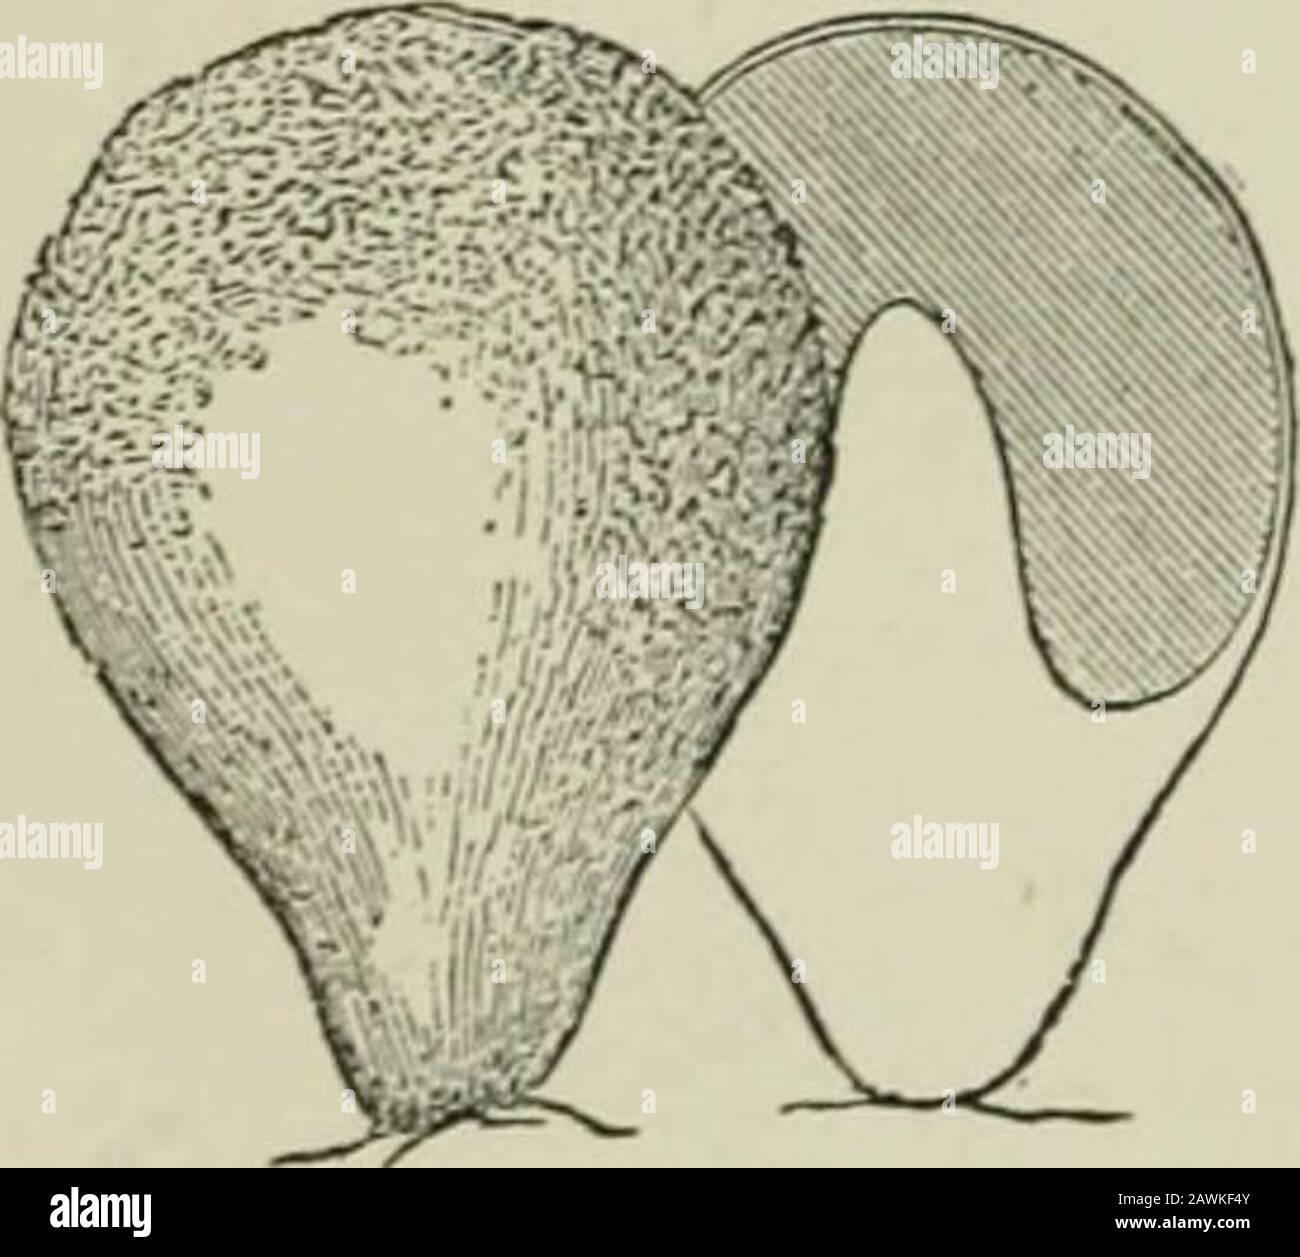 Introduction à l'étude des champignons : leur organographie, leur classification et leur distribution pour l'utilisation des collectionneurs . riacés par Polystictus, et les autres cités ci-dessus. La forme suivante de récipient à adduquer est le péridium, qui enferme complètement les organes reproducteurs, et le mayaussi être soutenu sur un carpopphore distinct, ou il peut être sessileon le mycélium, ou investi par lui, comme dans certaines sous-espèces de sous-terraneaneses. Les Gastromycètes fournissent ce type de récipient, qui est très souvent double, typique globose, le manteau extérieur ou exopéridiumidiuétant une continuation du cortexdu carpophore quand Banque D'Images